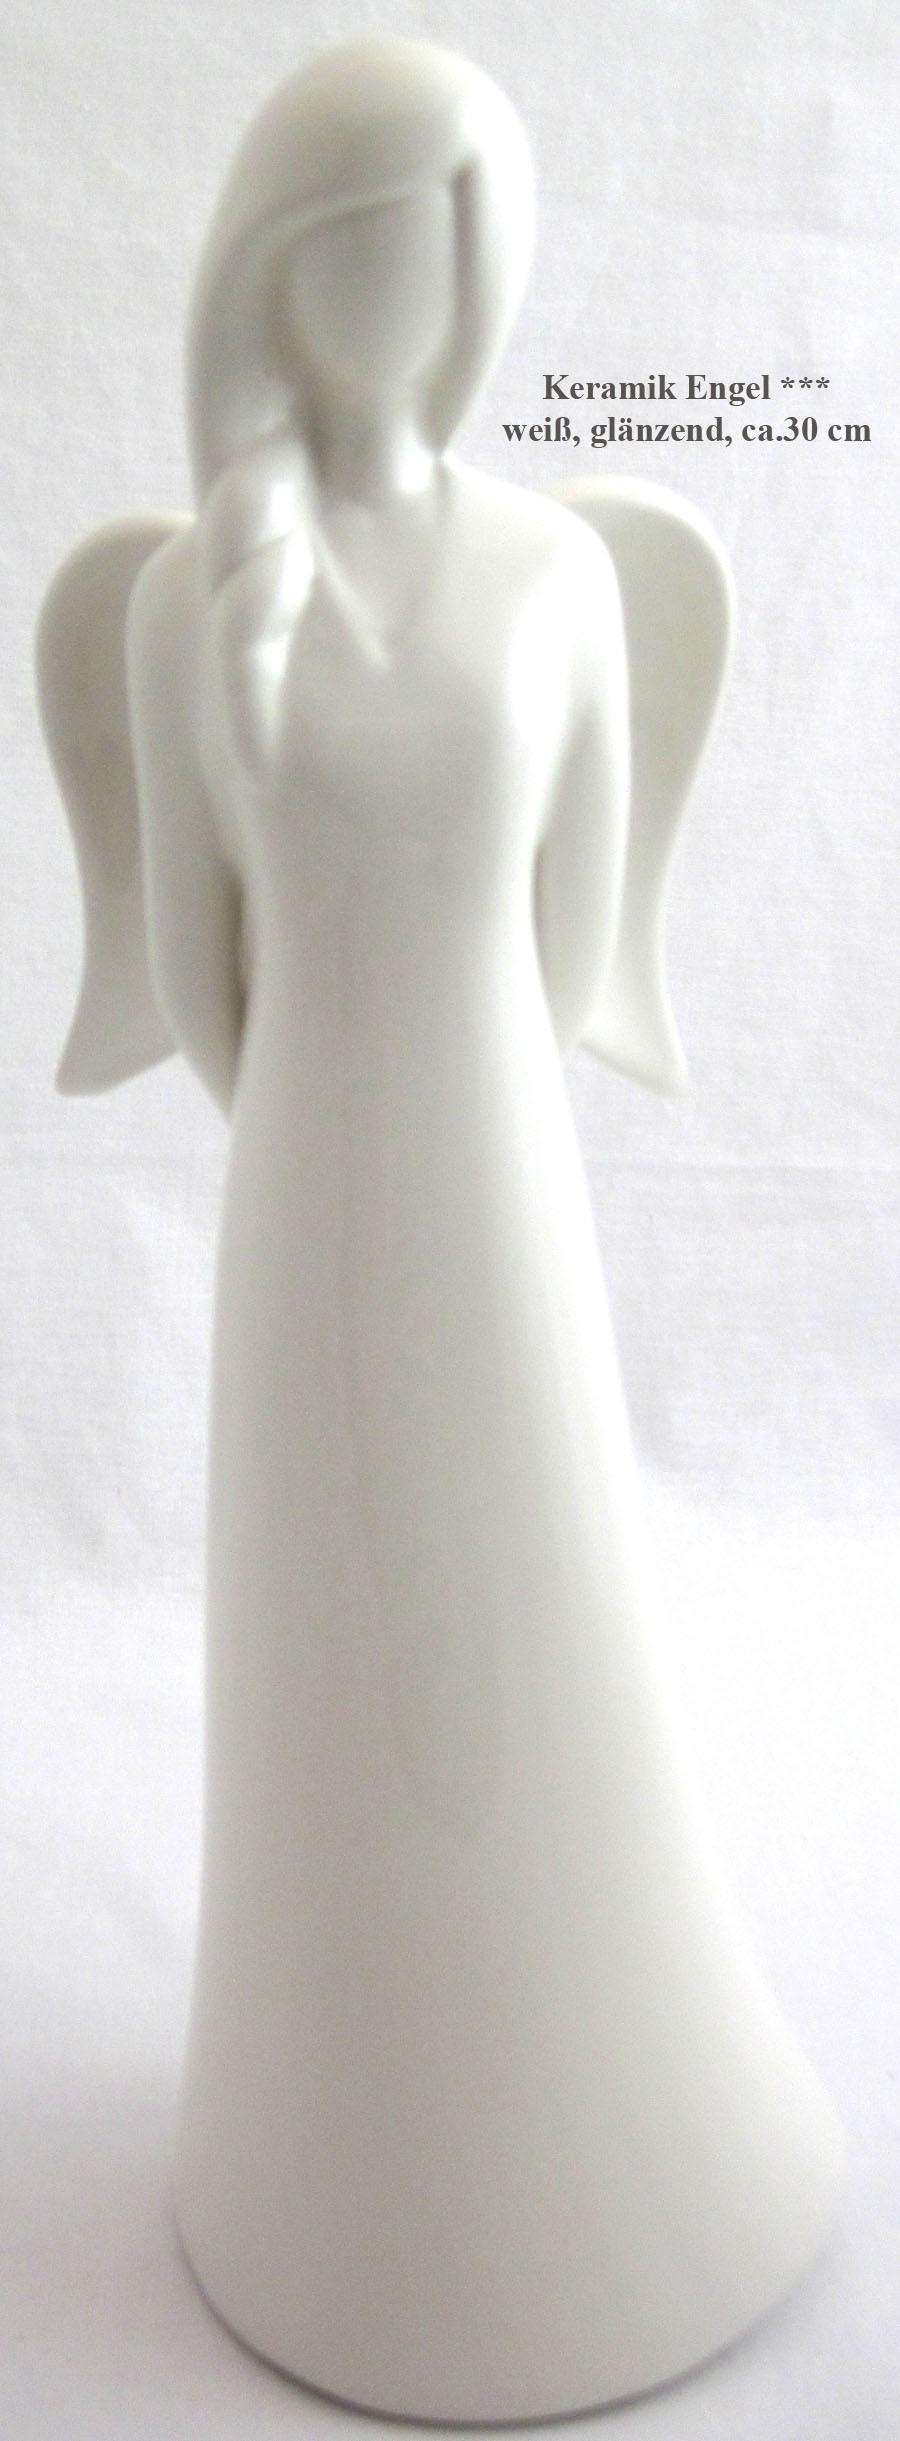 Deko-Engel Keramikfigur weiß glasiert ca.31cm